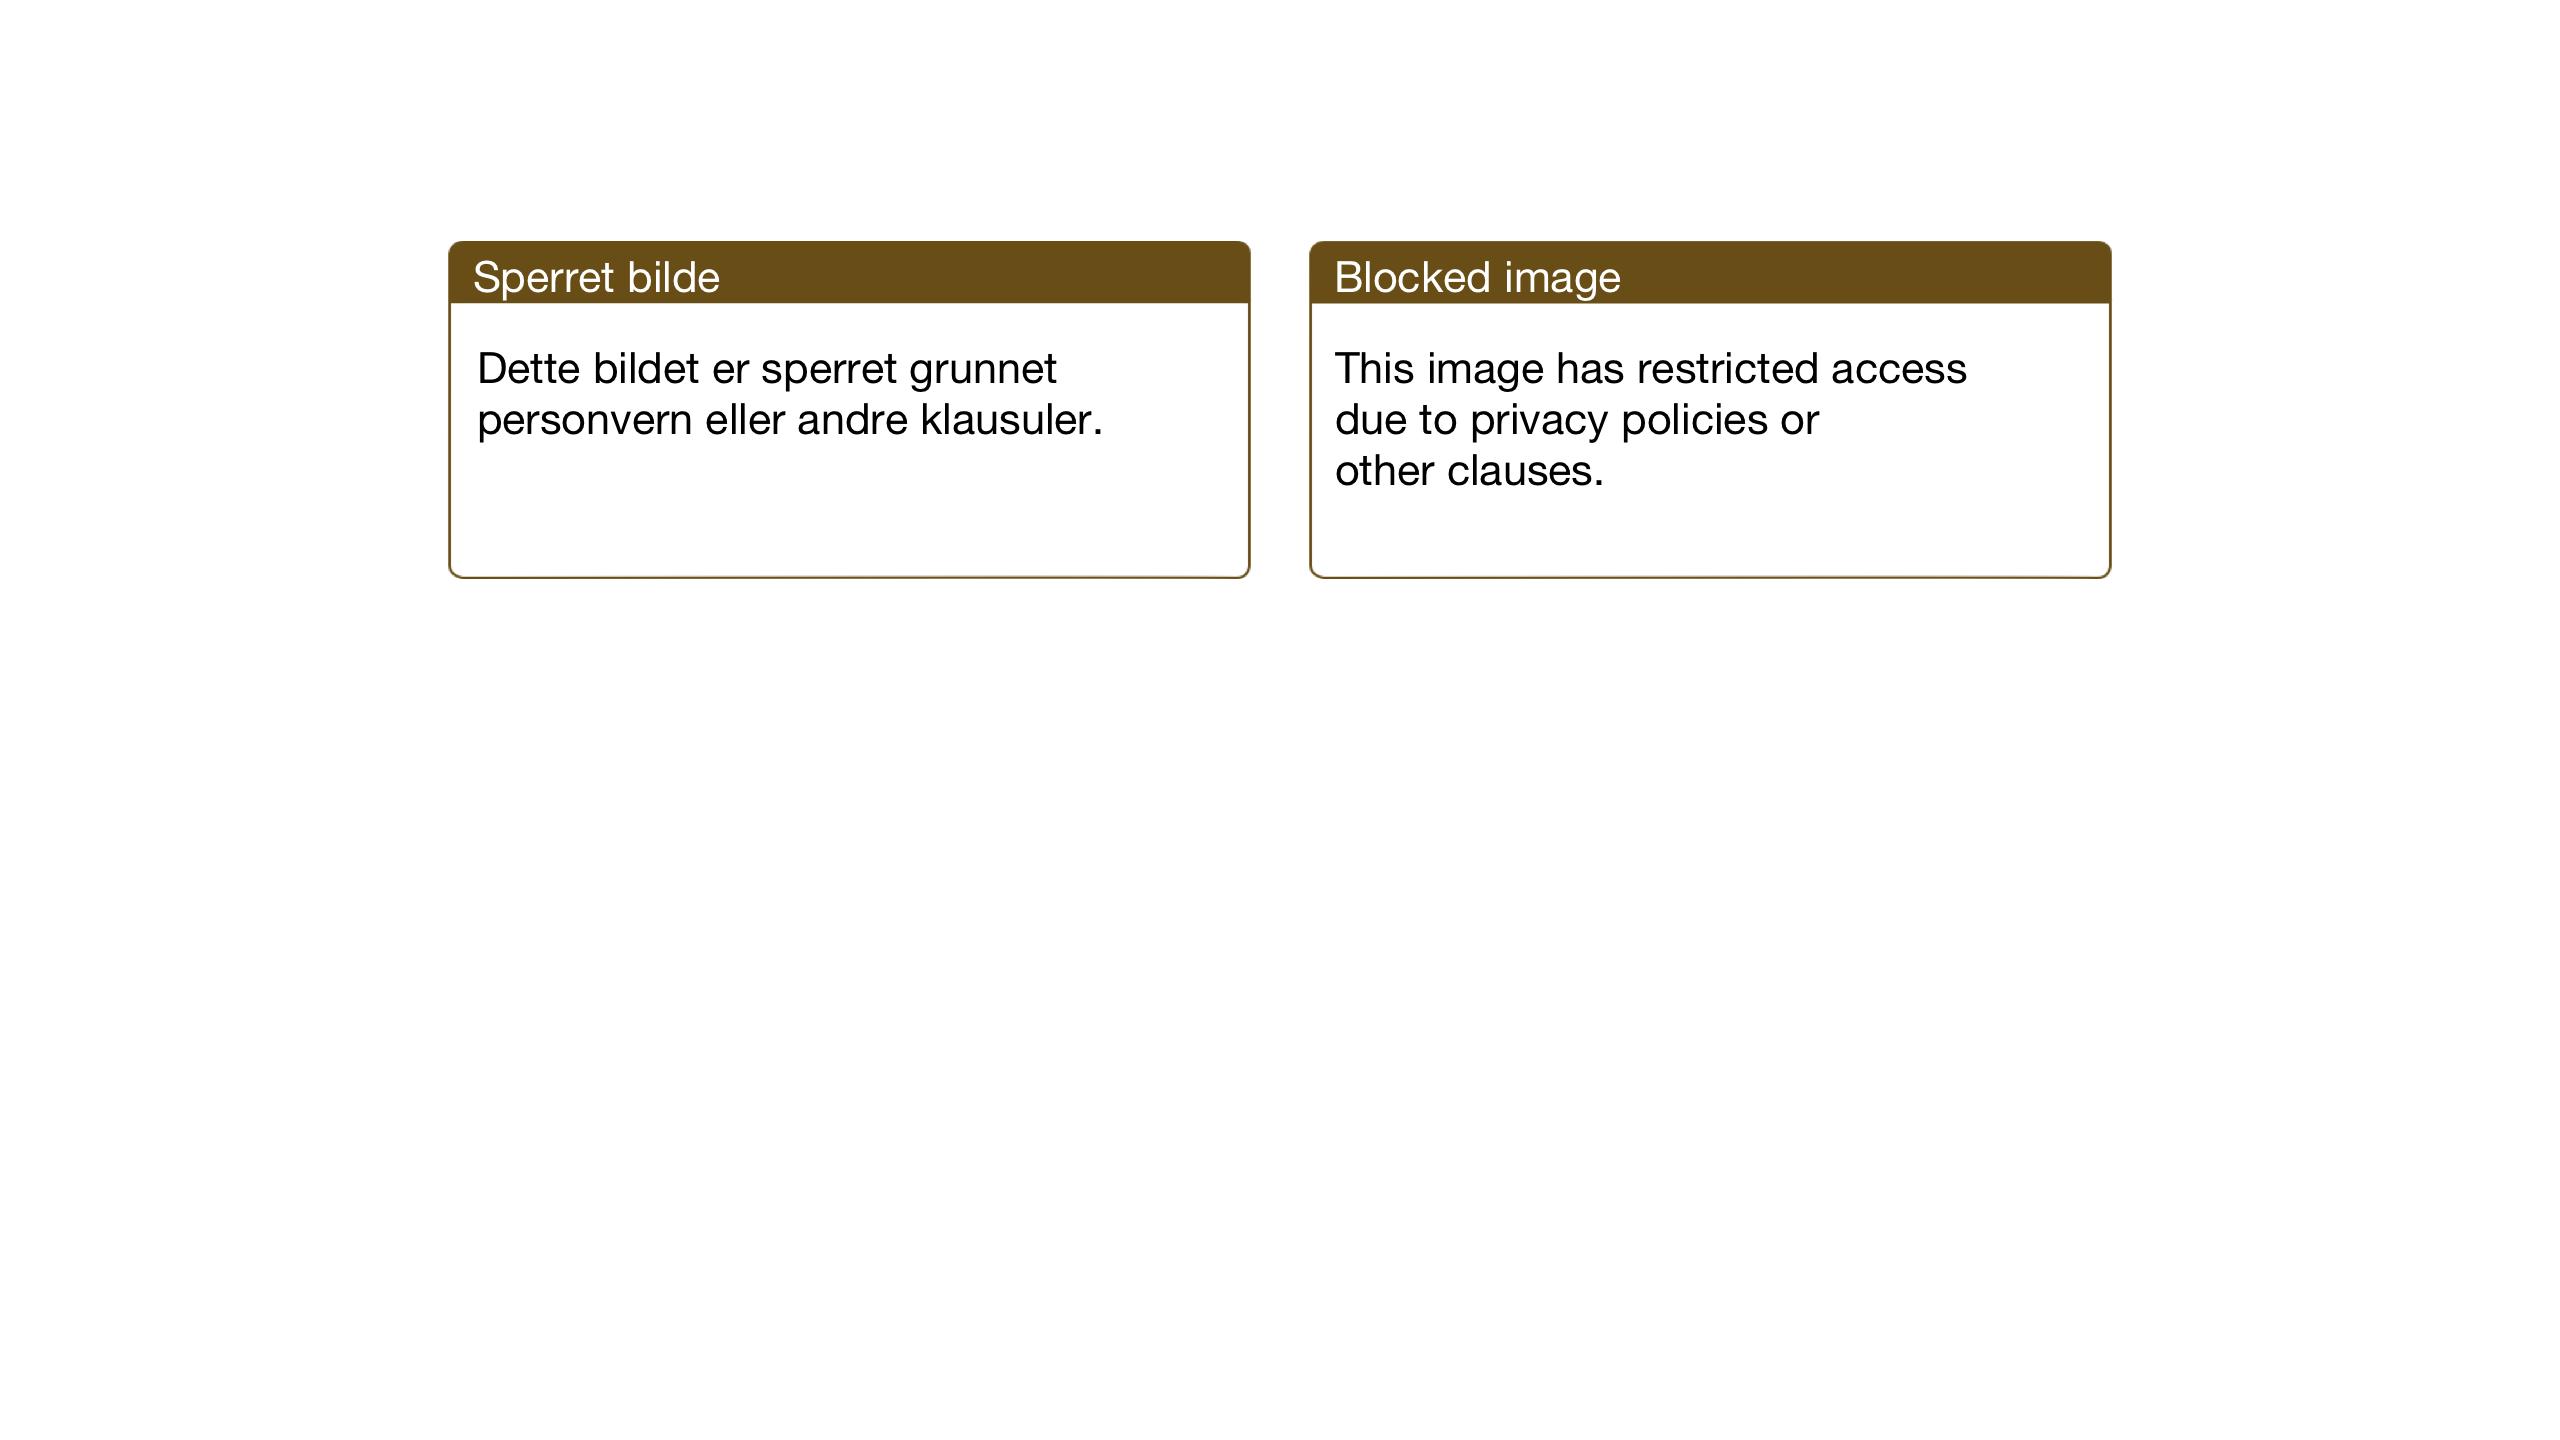 SAT, Ministerialprotokoller, klokkerbøker og fødselsregistre - Nord-Trøndelag, 701/L0019: Klokkerbok nr. 701C03, 1930-1953, s. 101